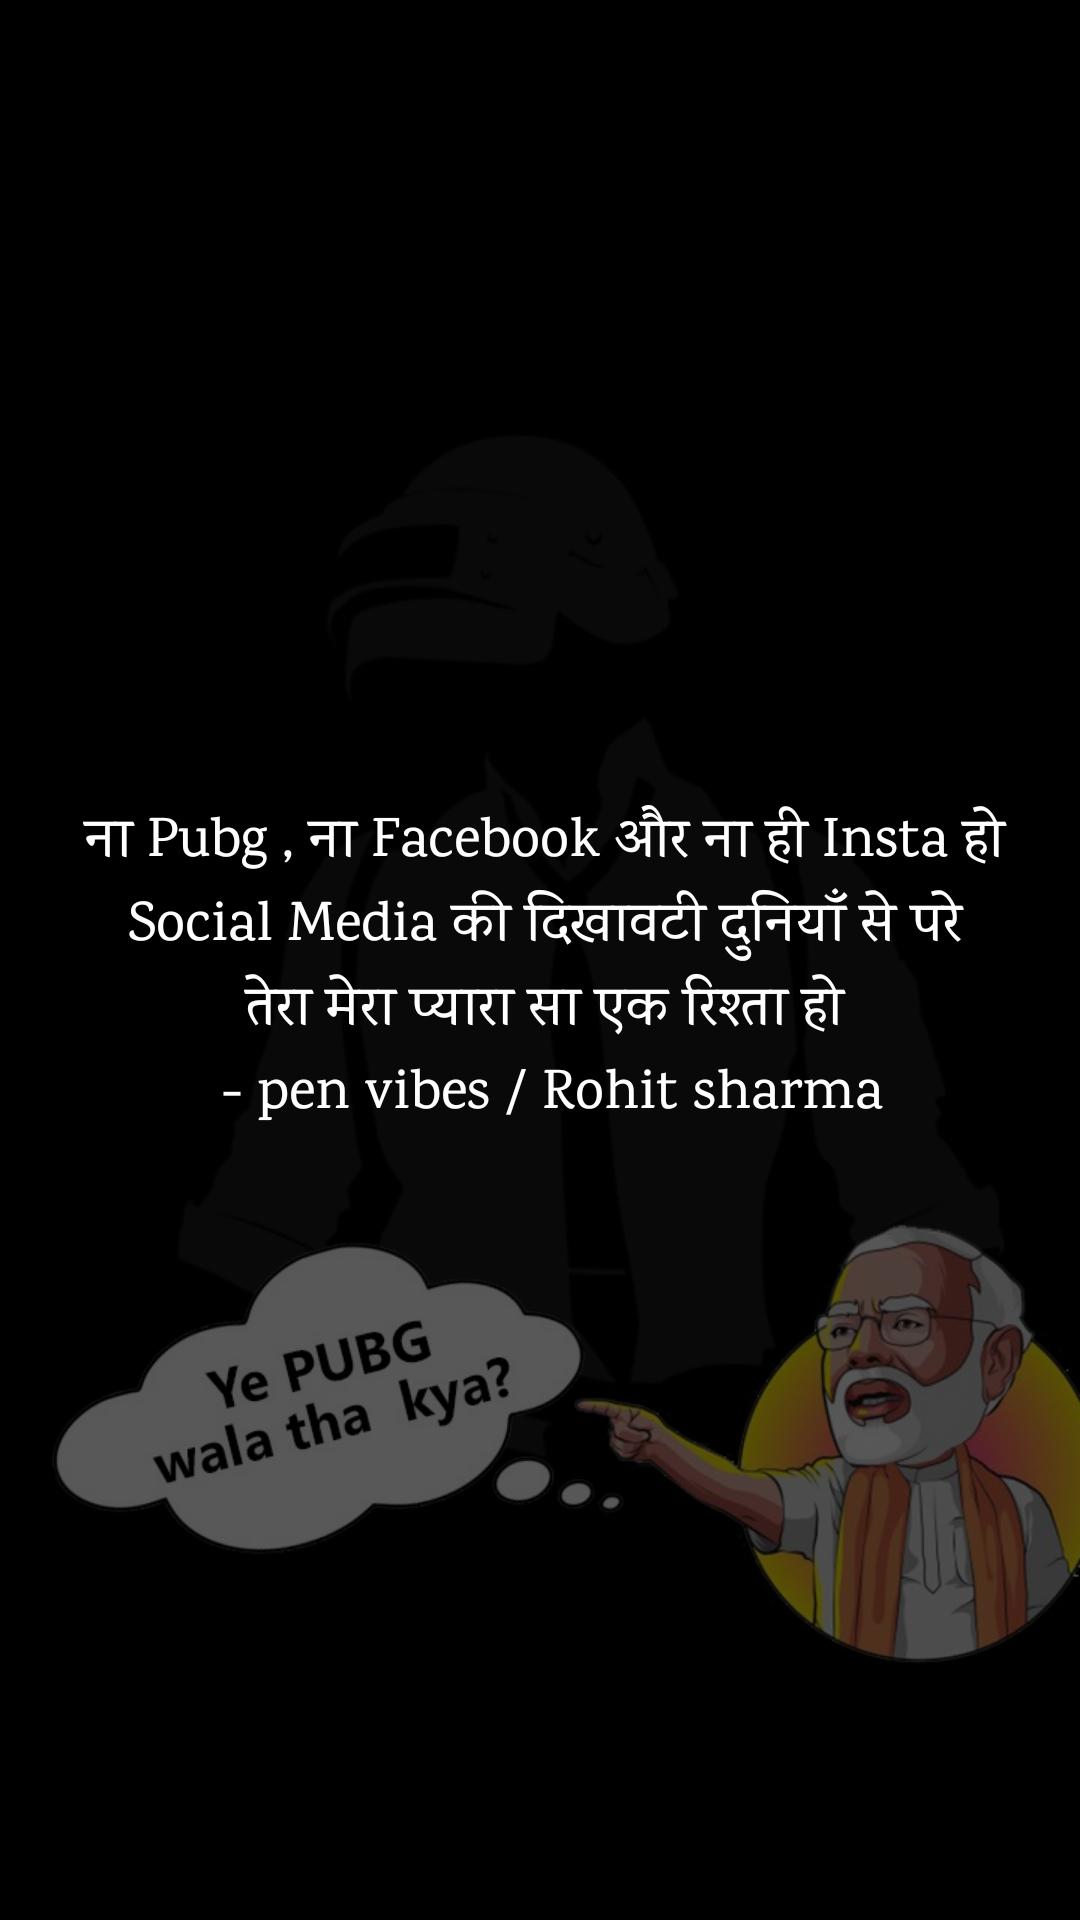 ना Pubg , ना Facebook और ना ही Insta हो  Social Media की दिखावटी दुनियाँ से परे  तेरा मेरा प्यारा सा एक रिश्ता हो  - pen vibes / Rohit sharma